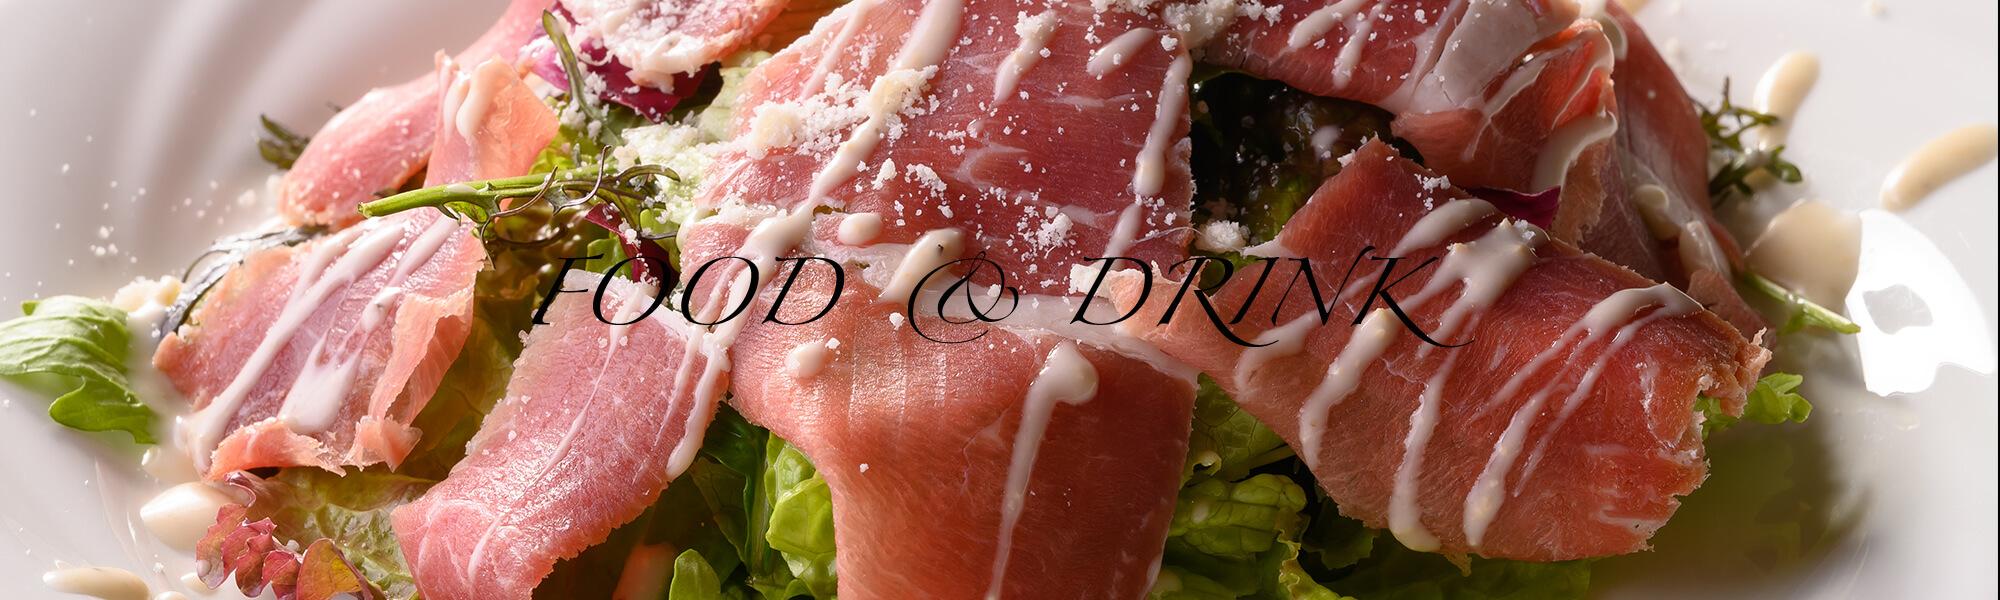 フード&ドリンク、イタリア料理の単品メニュー